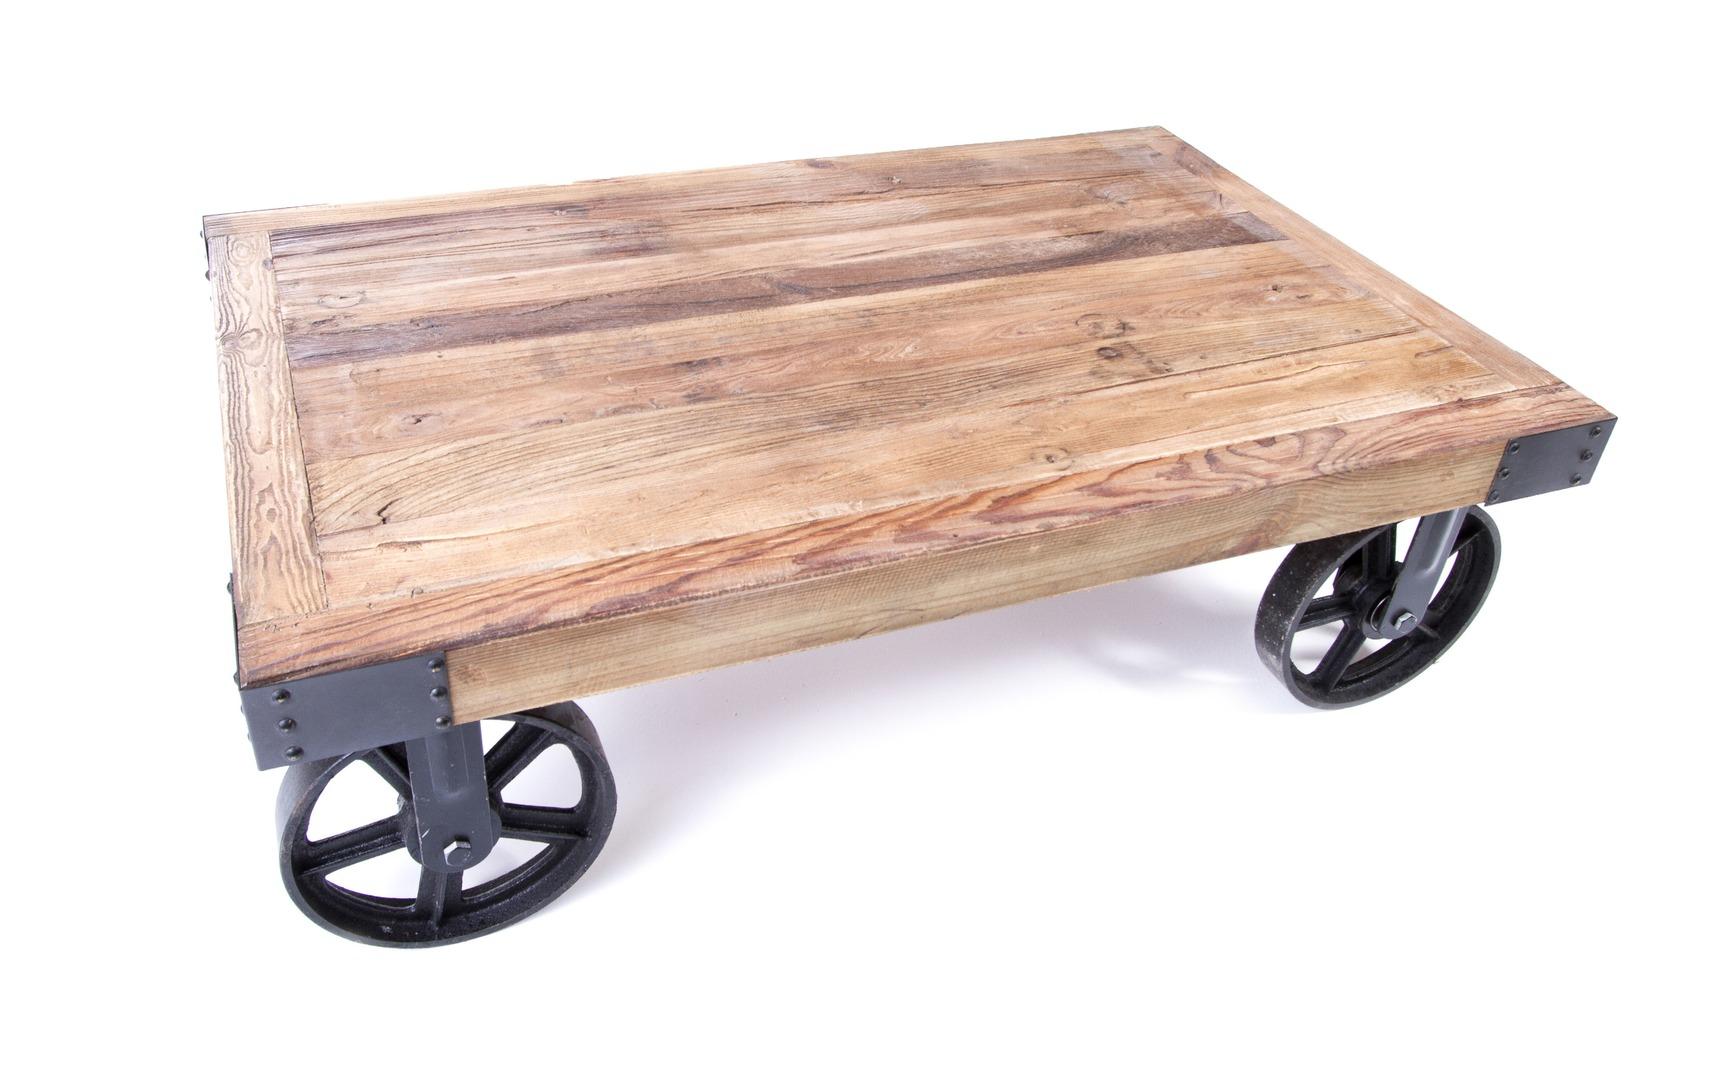 Table basse industrielle avec roue